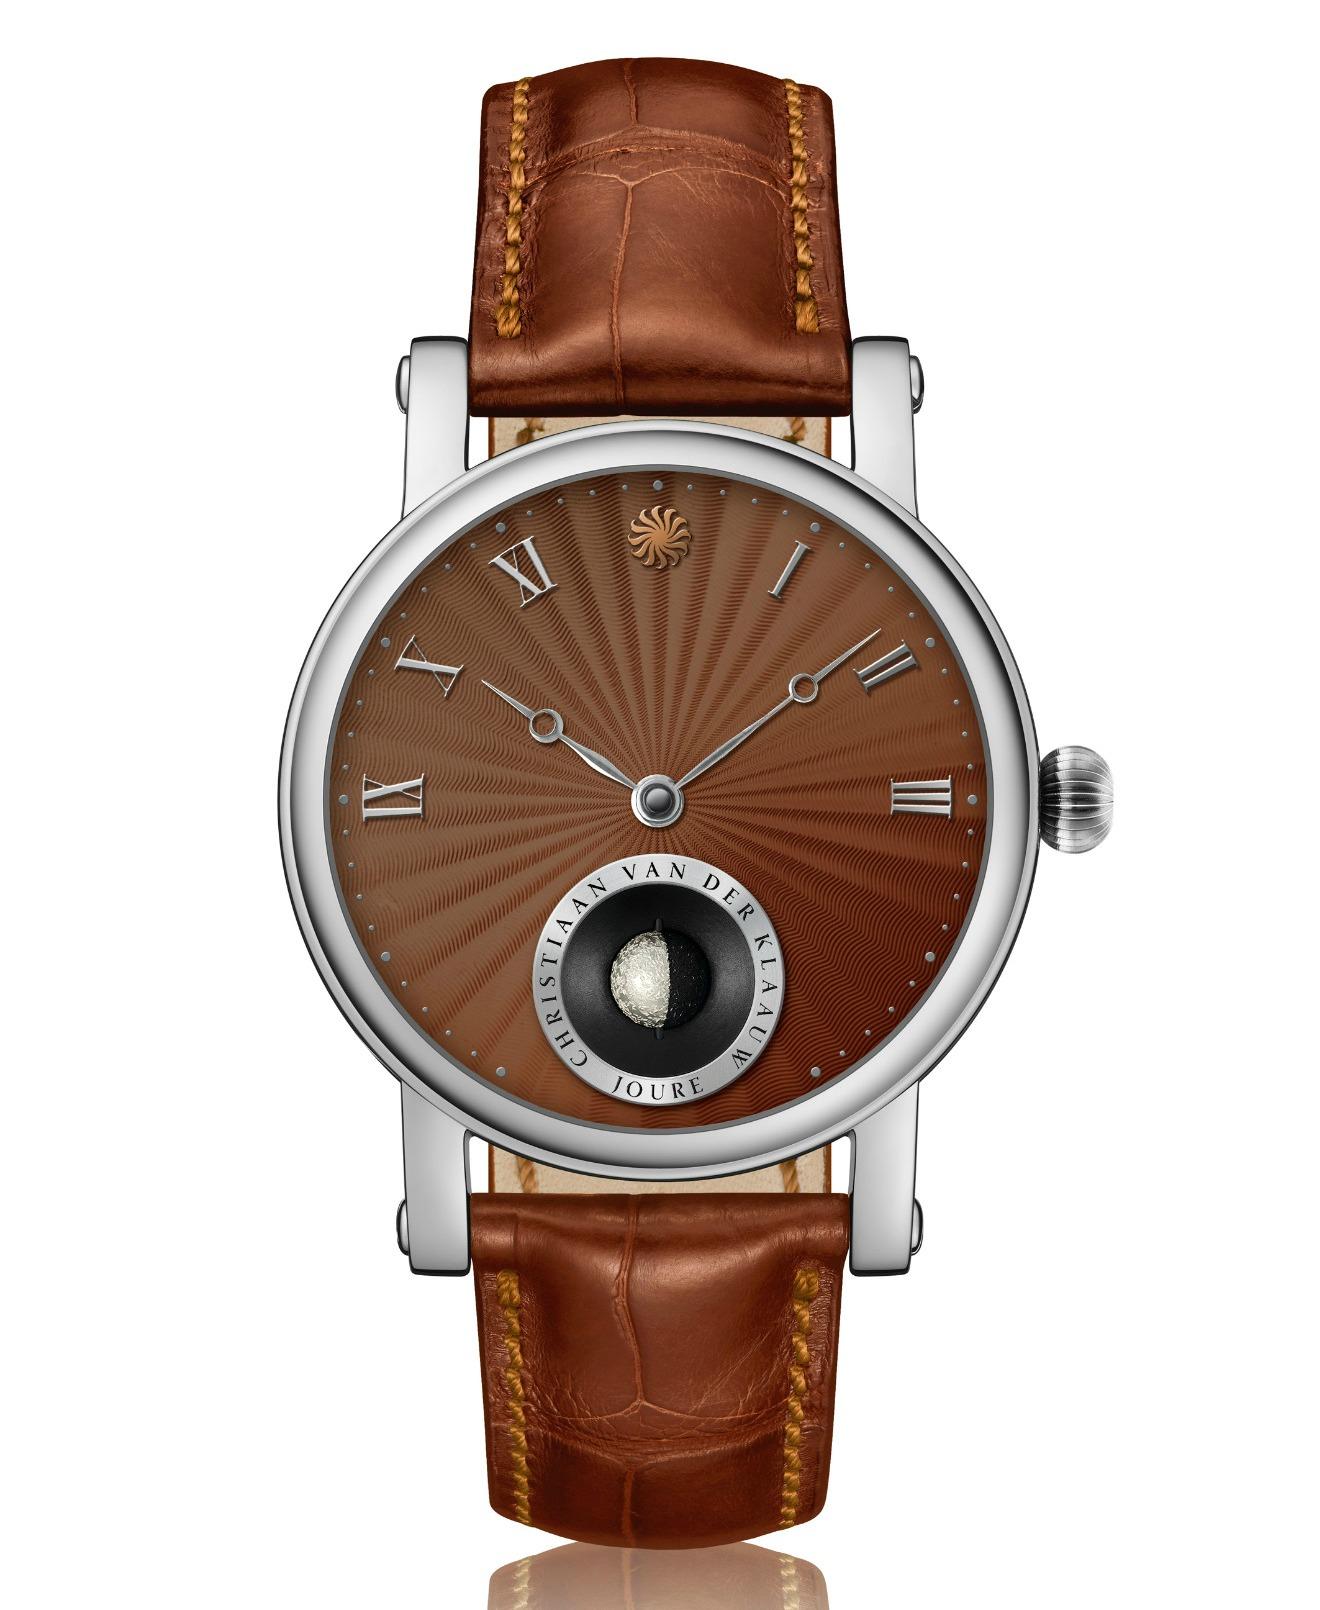 Christiaan van der Klaauw astronomy watch